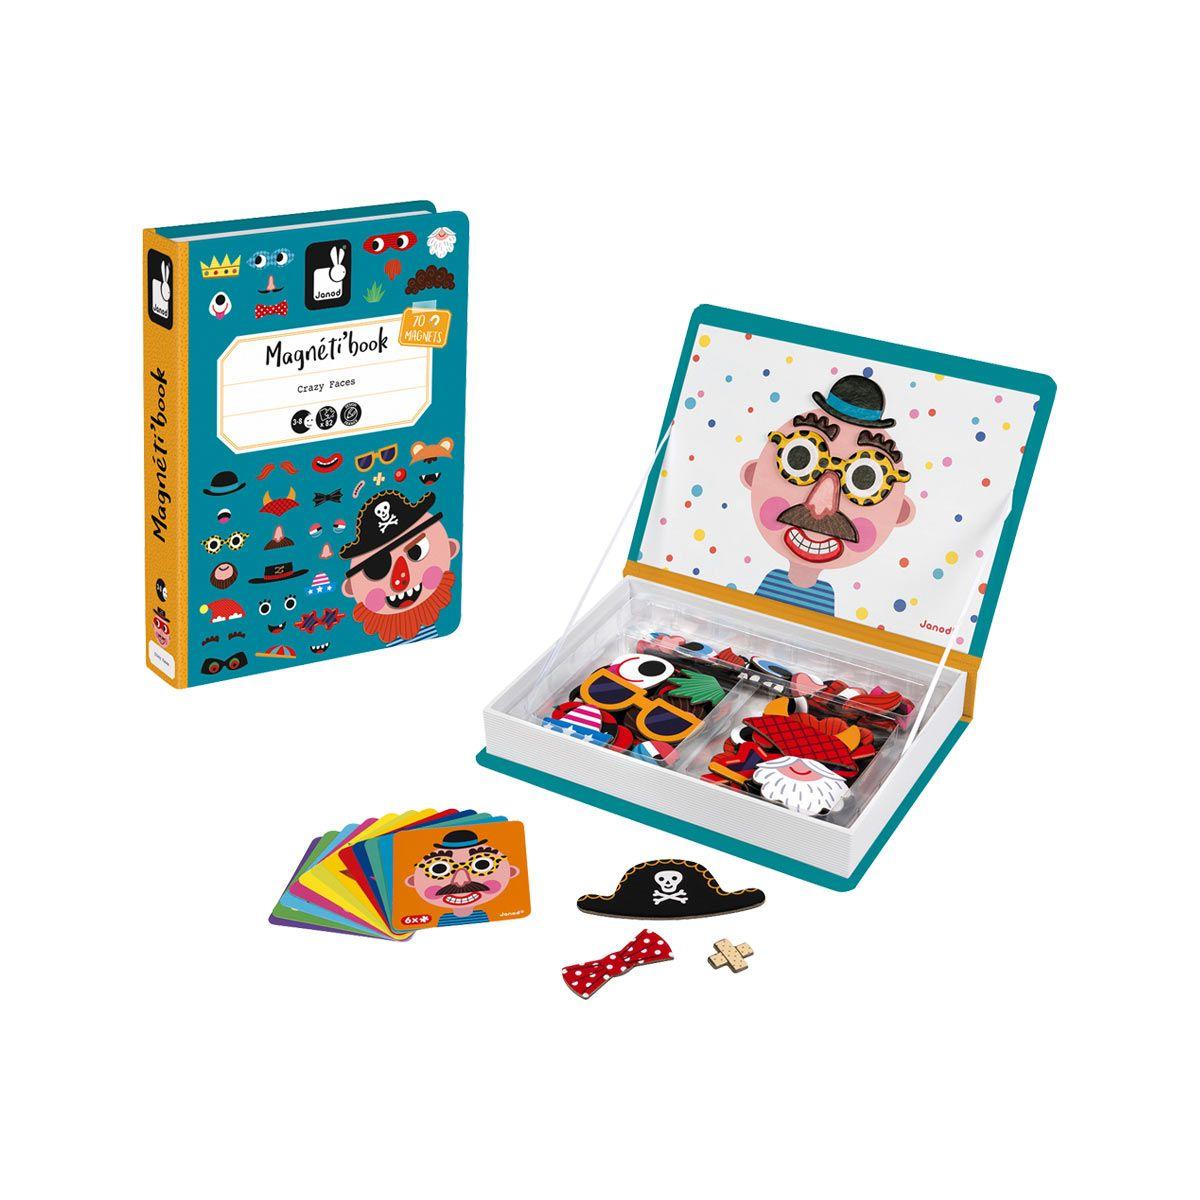 Magneti'book Crazy Face Janod | Jeux Educatif Pour Enfant à Jeux Educatif Enfant 6 Ans